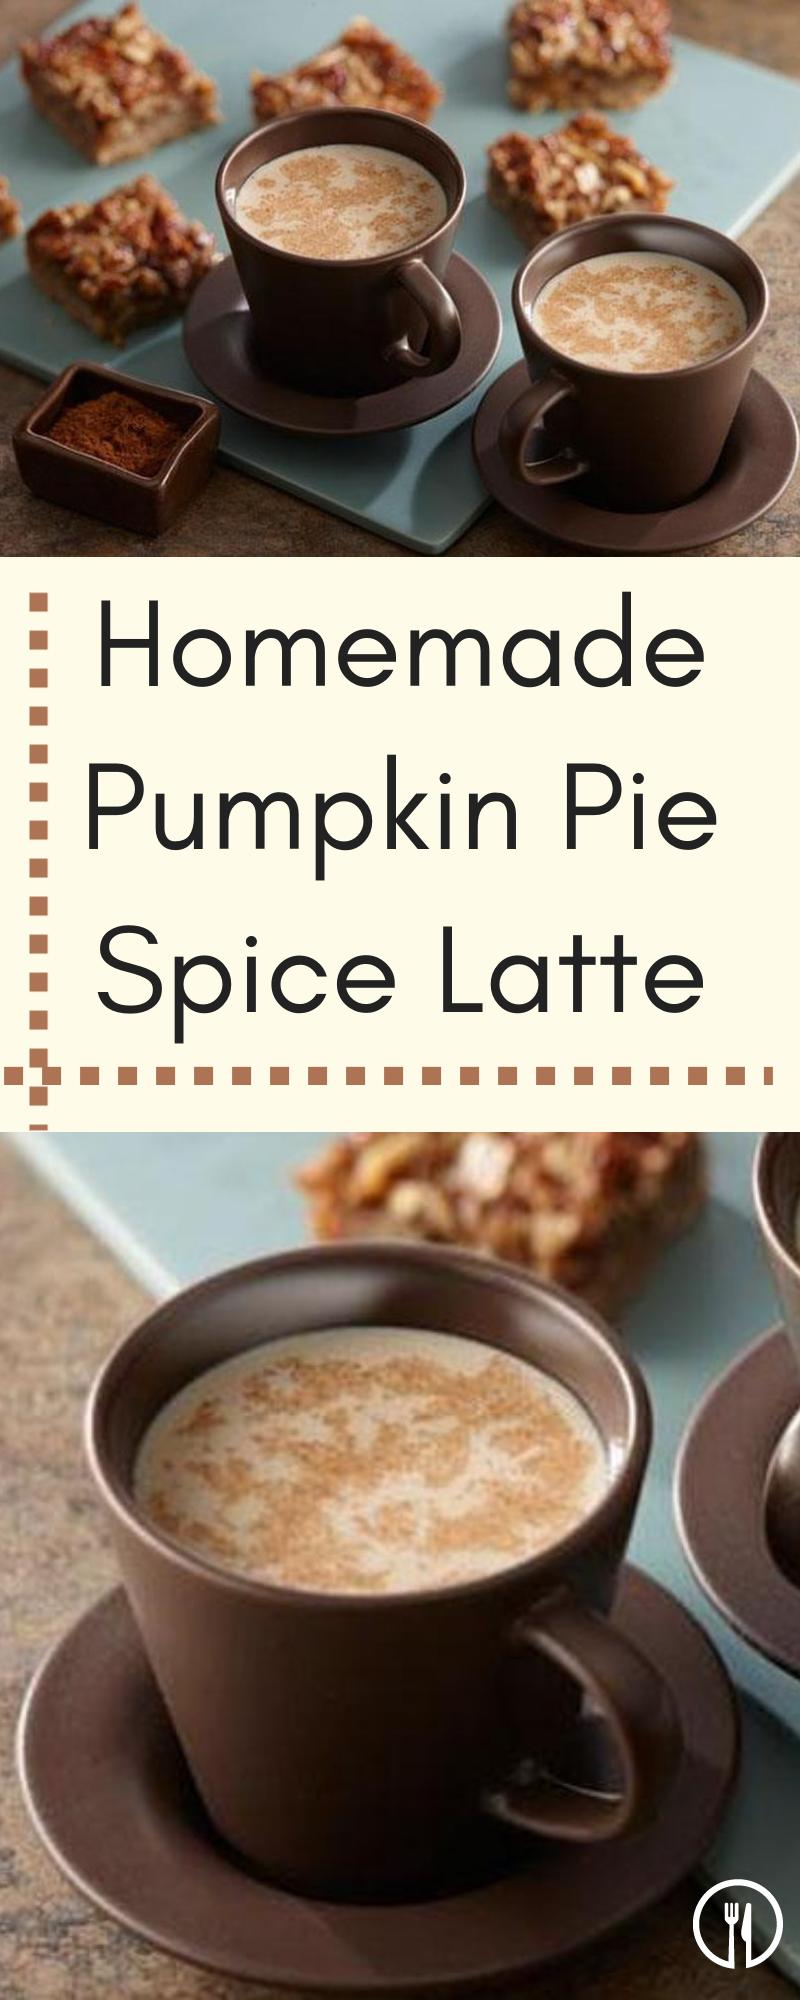 Homemade Pumpkin Pie Spice Latte Recipe Homemade